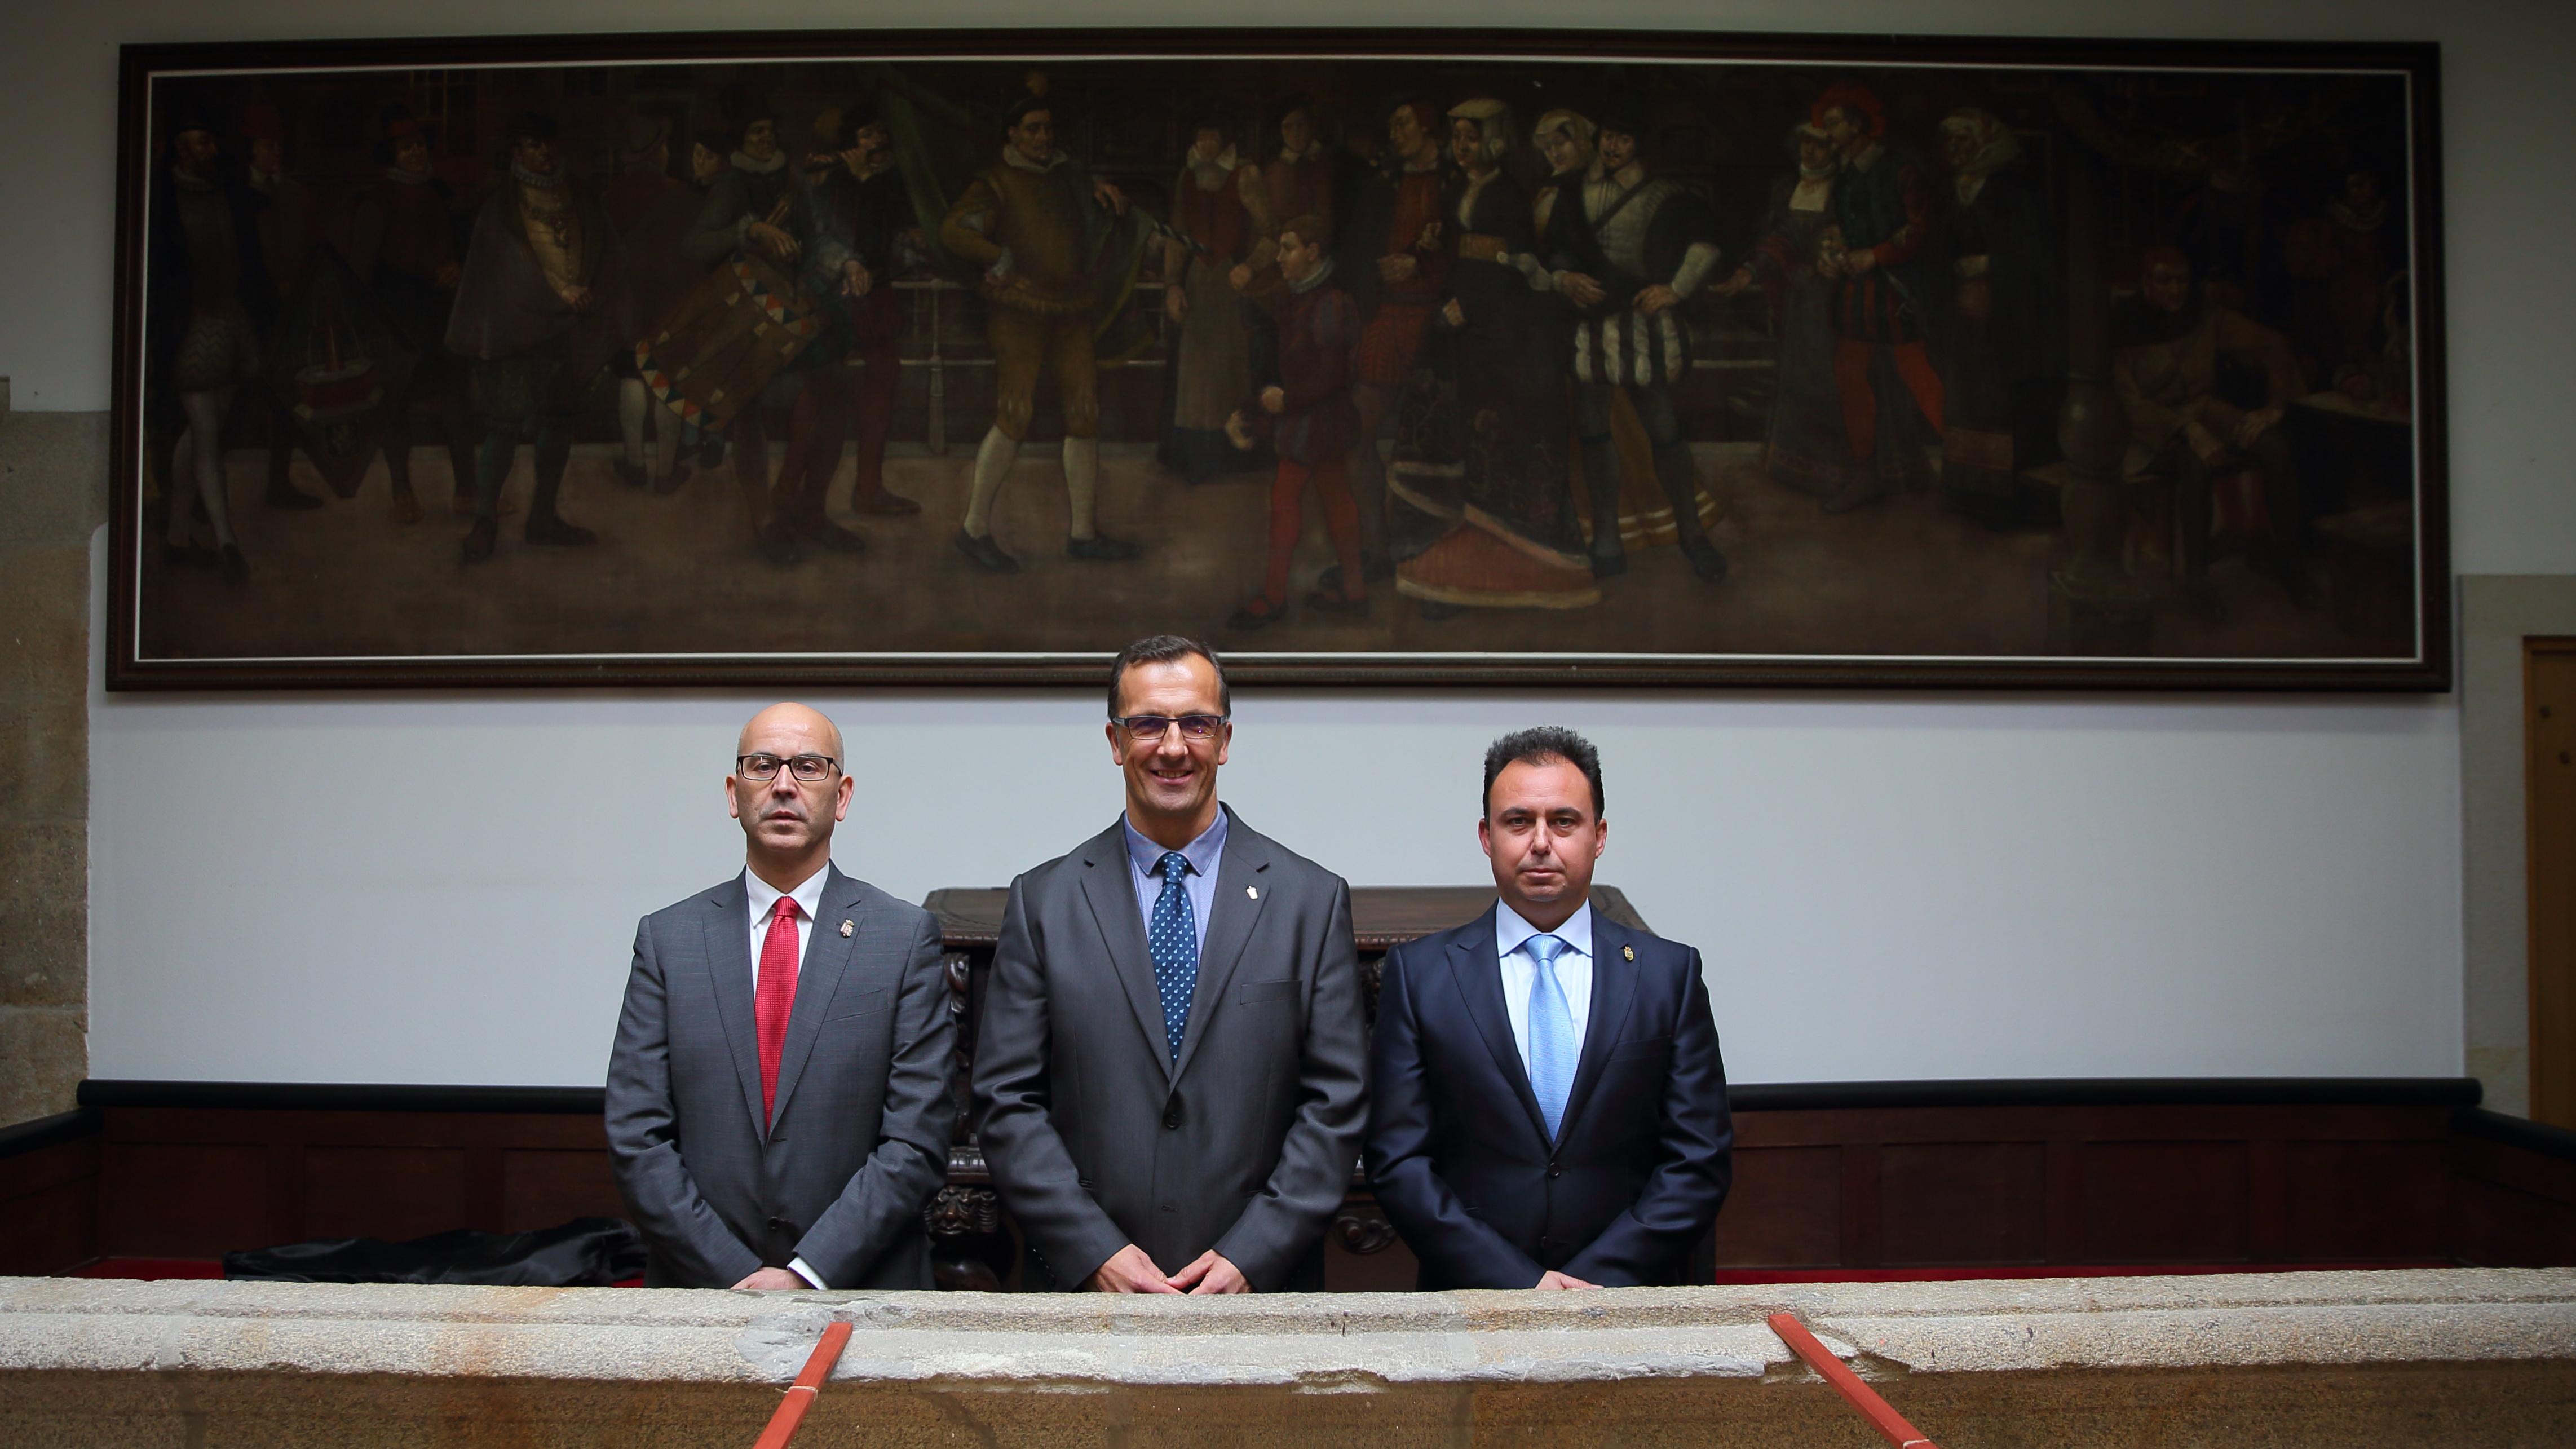 O rexedor de Baiona, xunto ao de Santa Fe de Granada, Manuel Gil, e o Primeiro Tentene de Alcalde de Palos de la Frontera, Ricardo Bogado.JPG